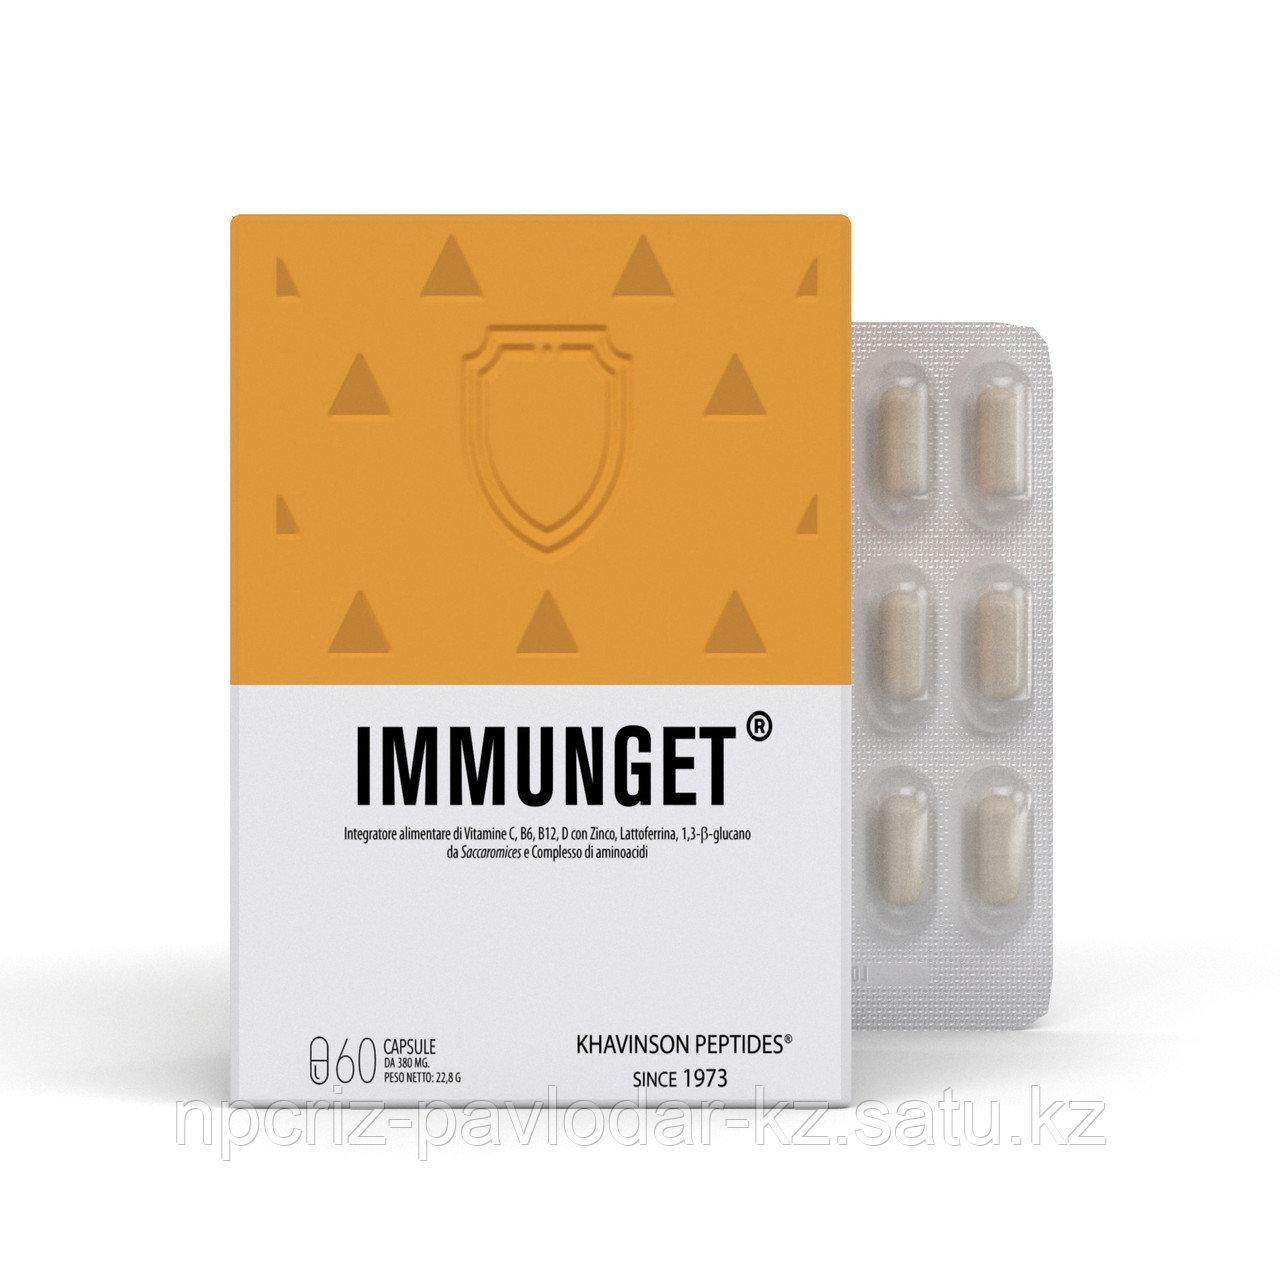 IMMUNGET® иммунгет - пептидный комплекс для  иммунной системы. Khavinson Peptides